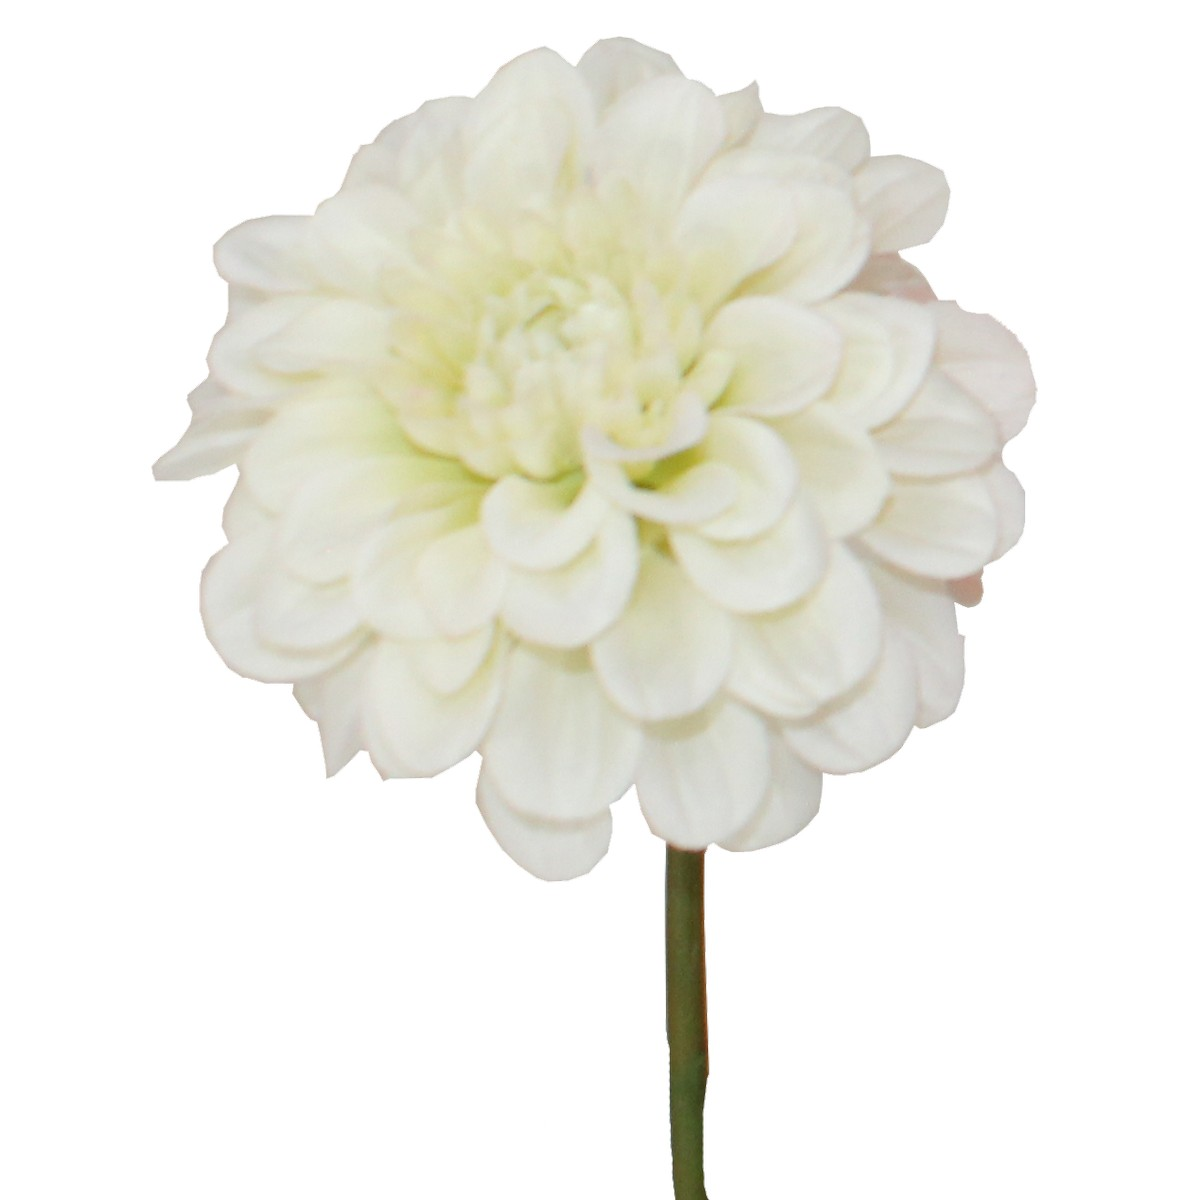 即日 【造花】パレ/ジニアピック クリームグリーン/P-8161-10《 造花(アーティフィシャルフラワー) 造花 花材「さ行」 ジニア 》